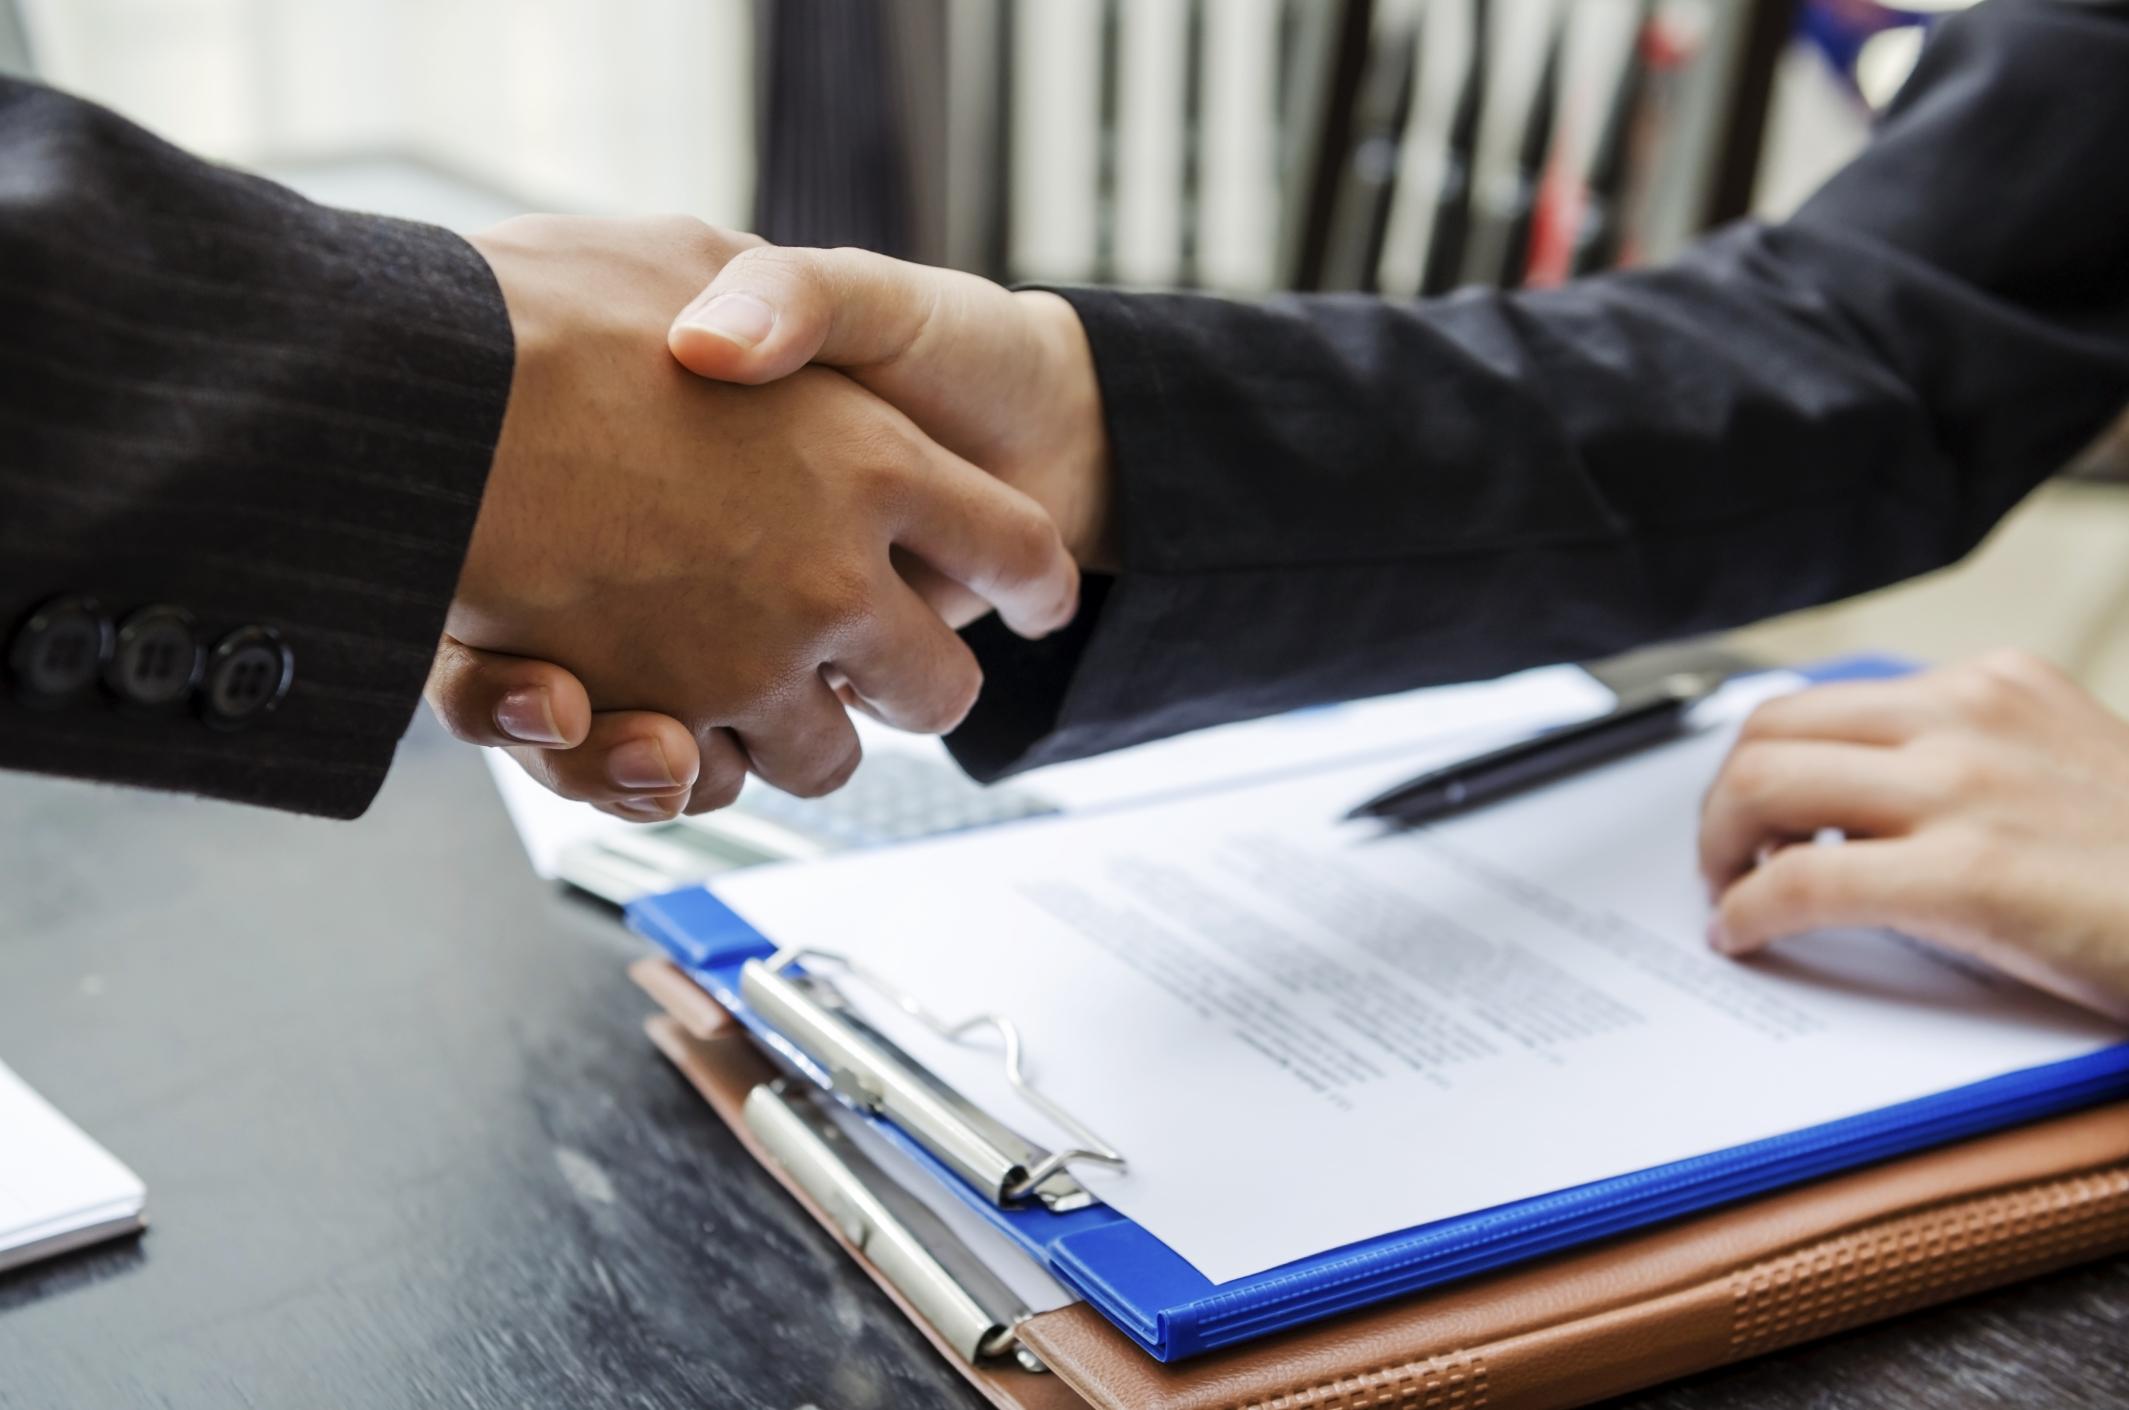 Cómo escribir un buen CV | Michael Page Colombia